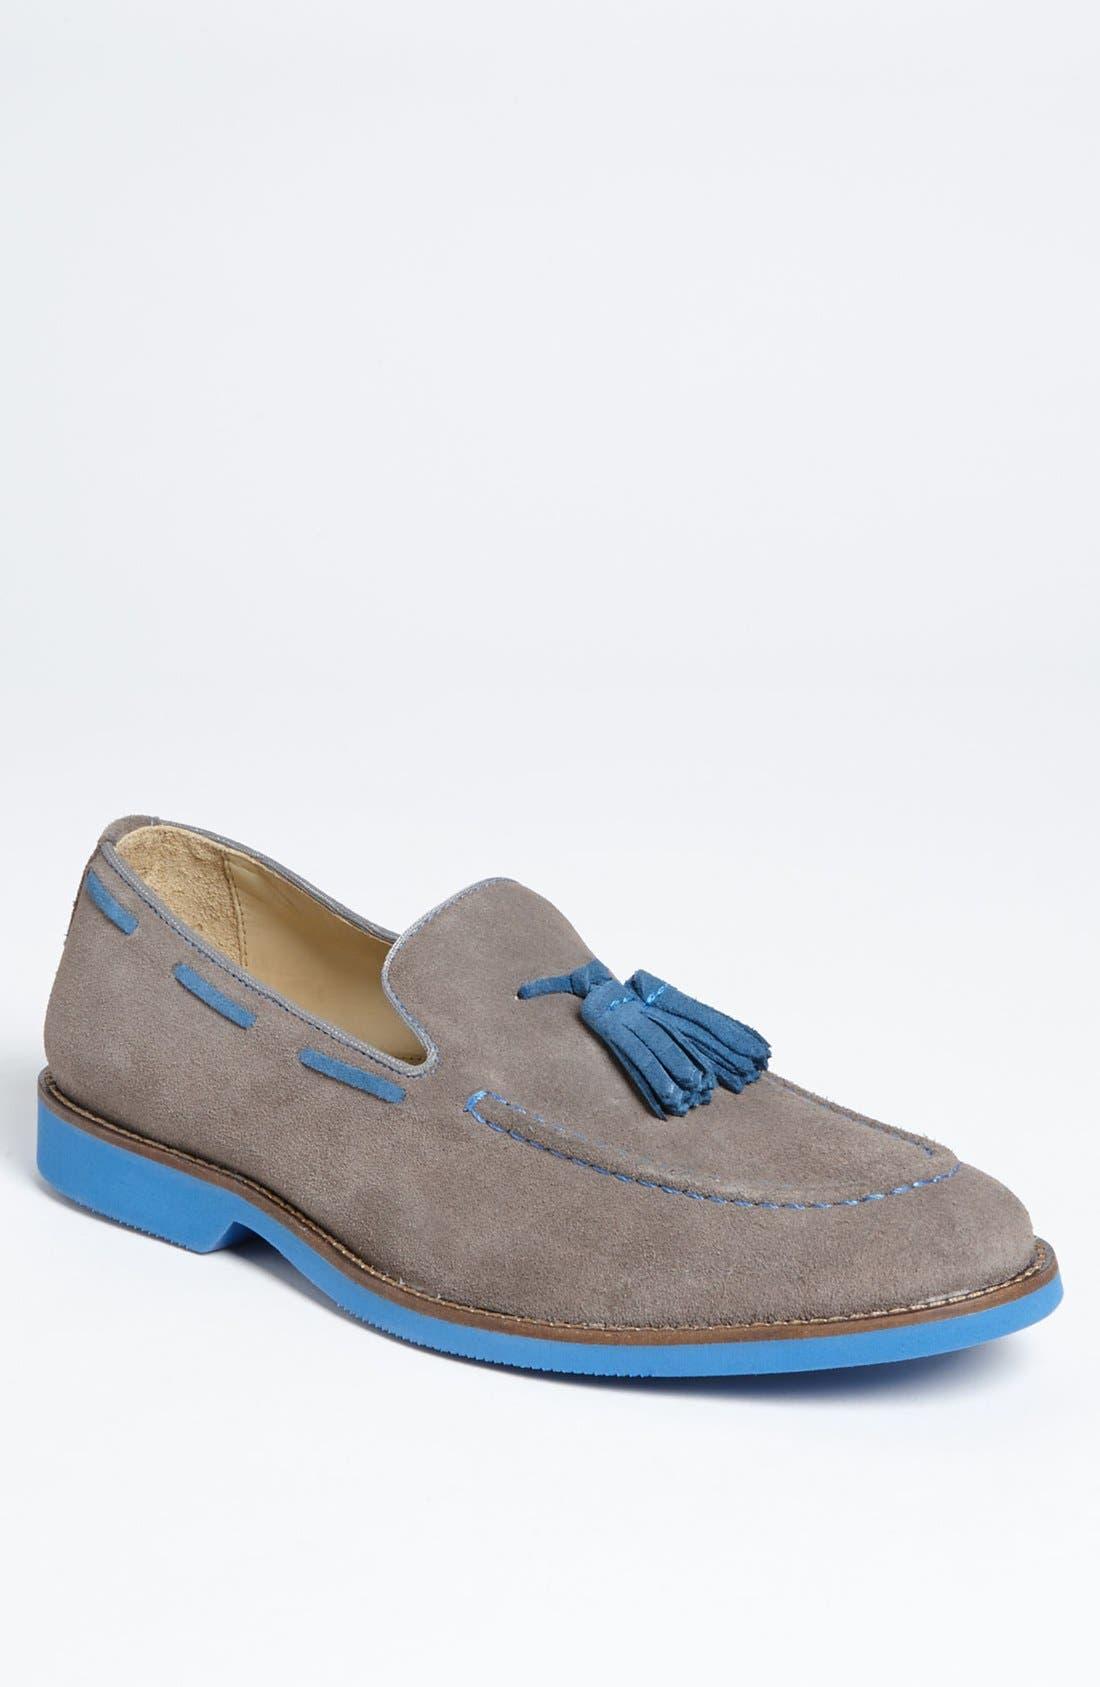 Alternate Image 1 Selected - 1901 'Colton' Tassel Loafer